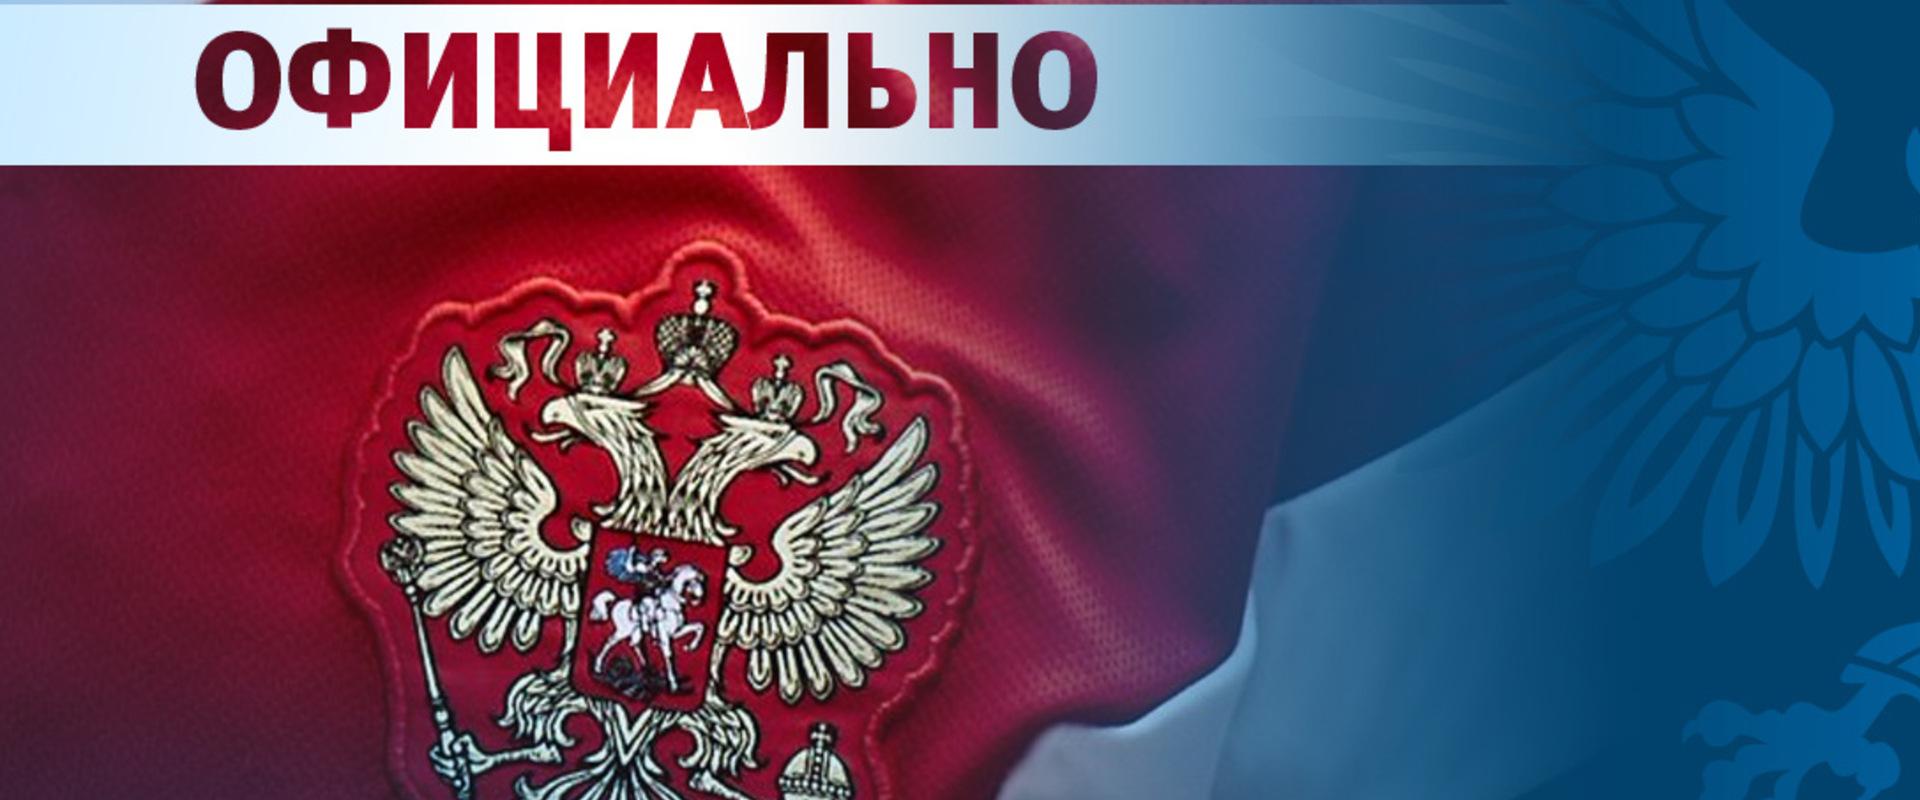 Архангельская область заключила соглашение о развитии футбола